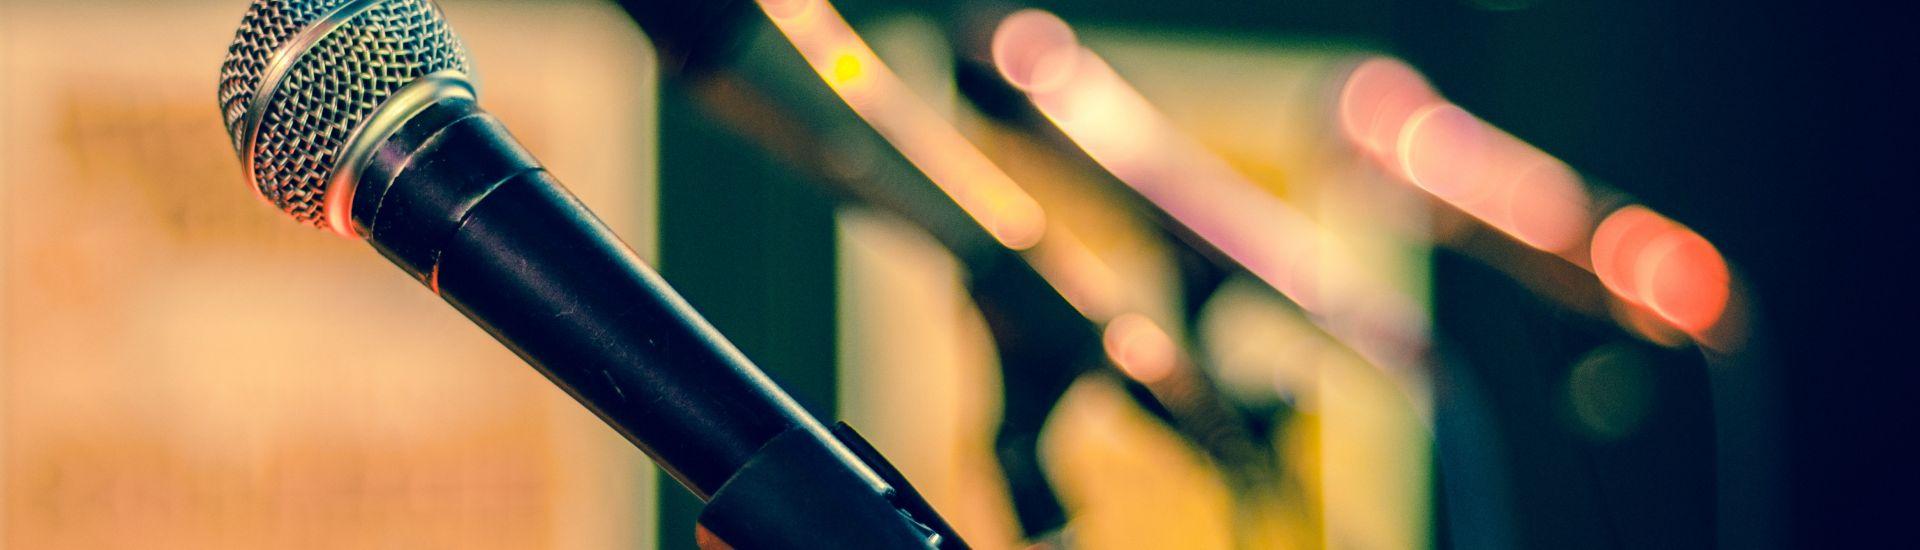 Mikrofone auf leerer Bühne